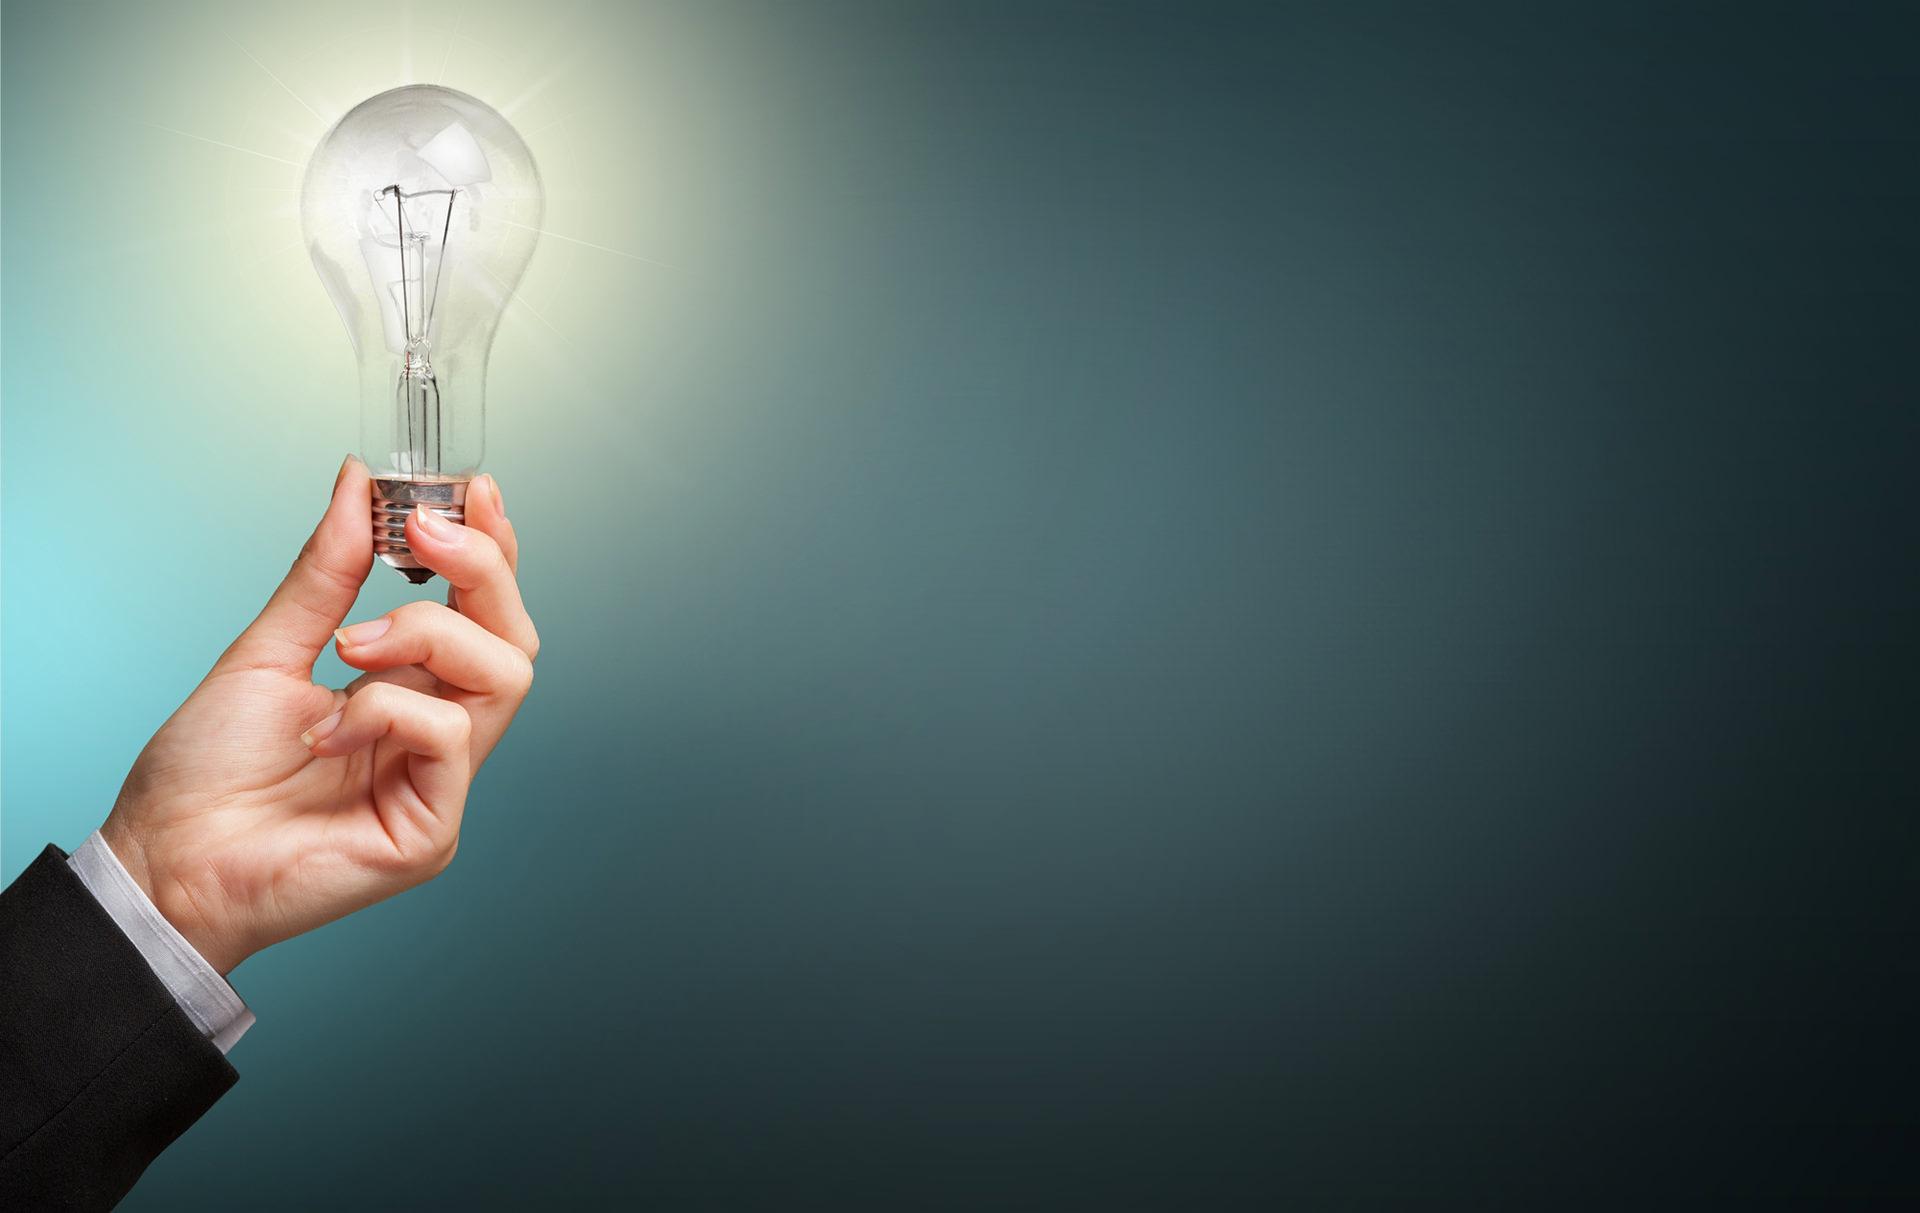 Man hold bulb on hand